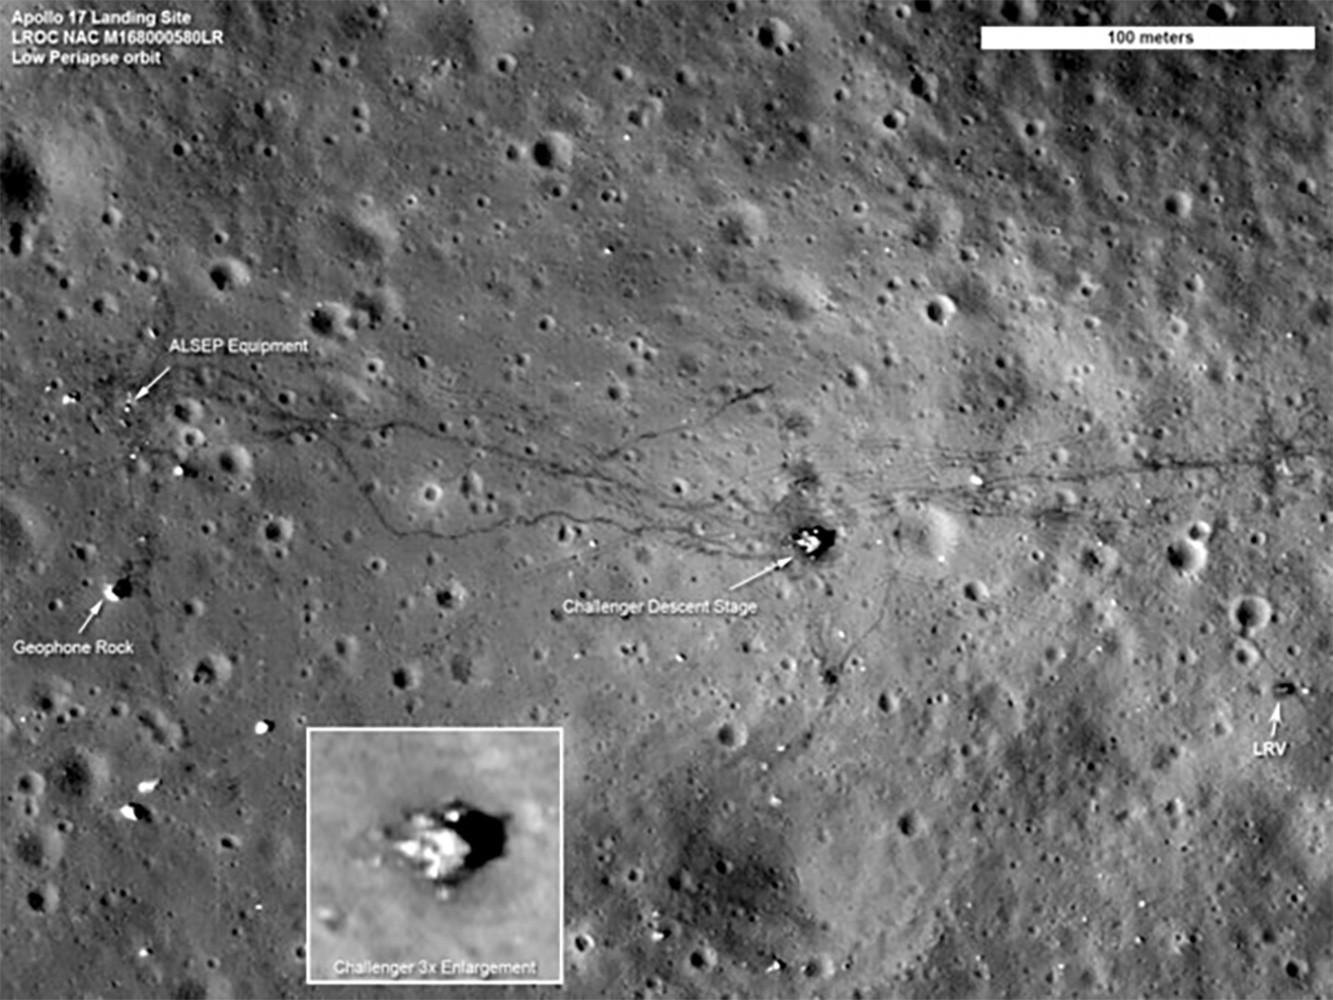 Foto de las huellas dejadas por los astronautas y el todoterreno del Apolo XVII, tomadas por la Lunar Reconnaissance Orbiter.